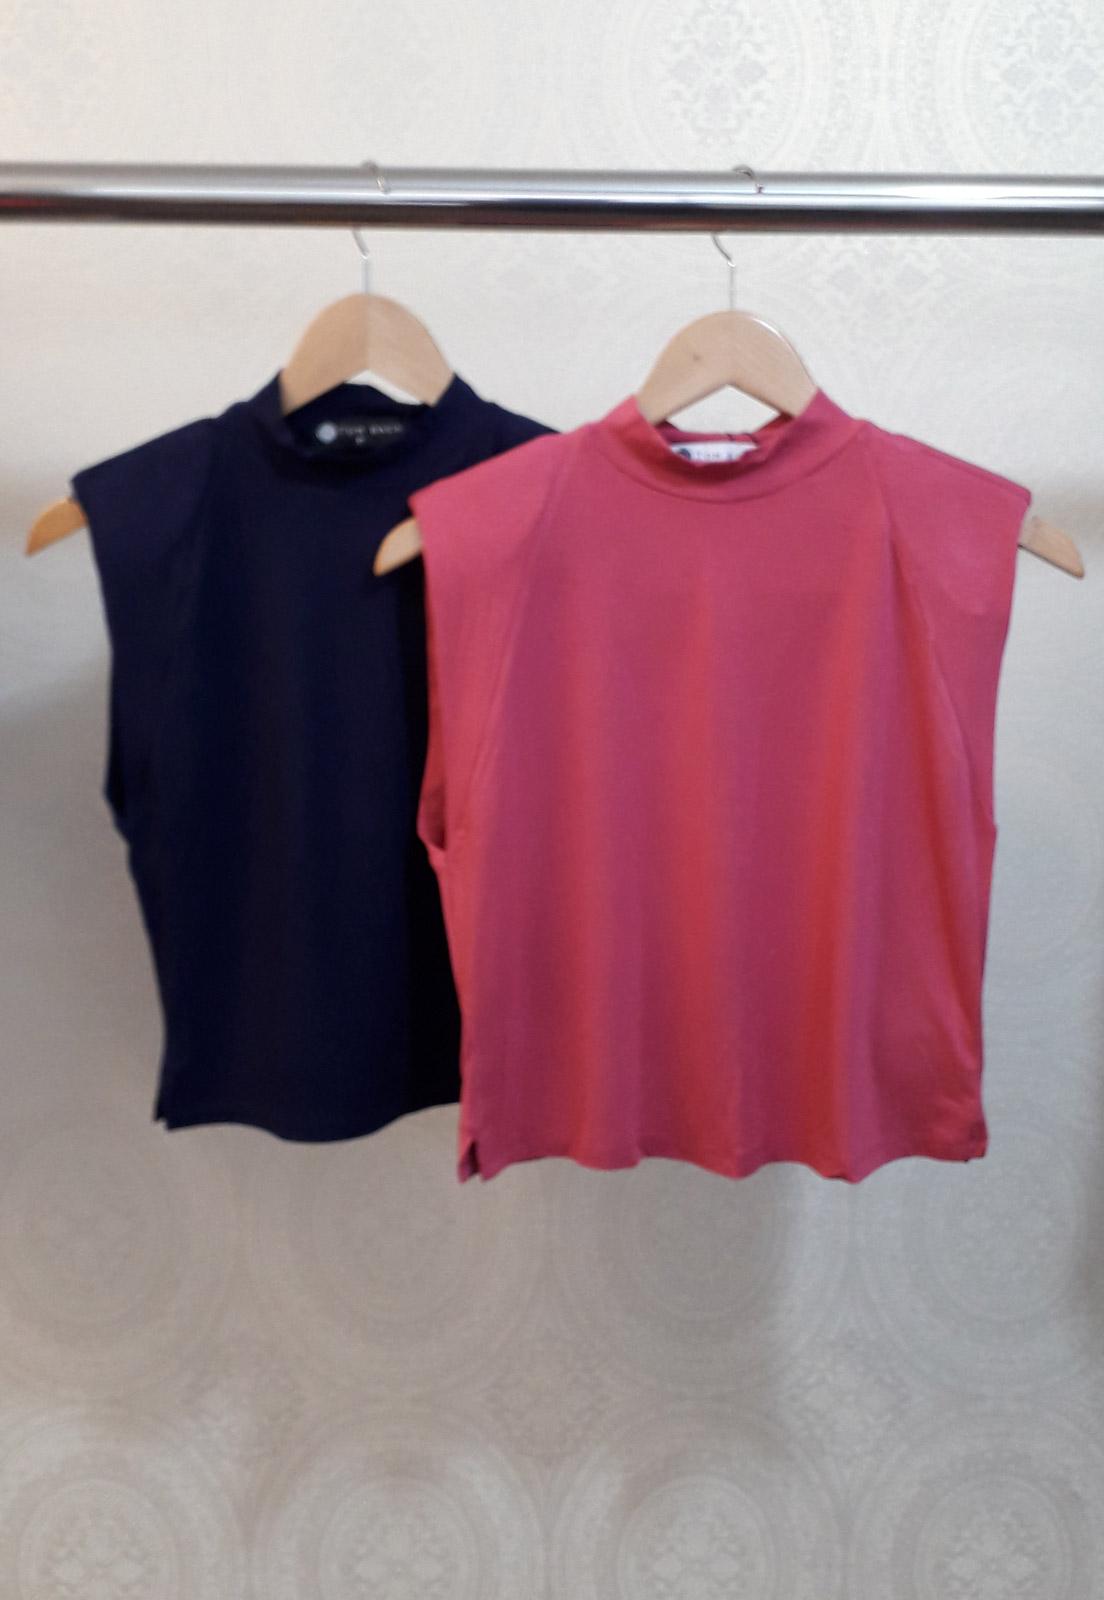 Kit c/ 2 T-shirts Maia - Azul e Rosa